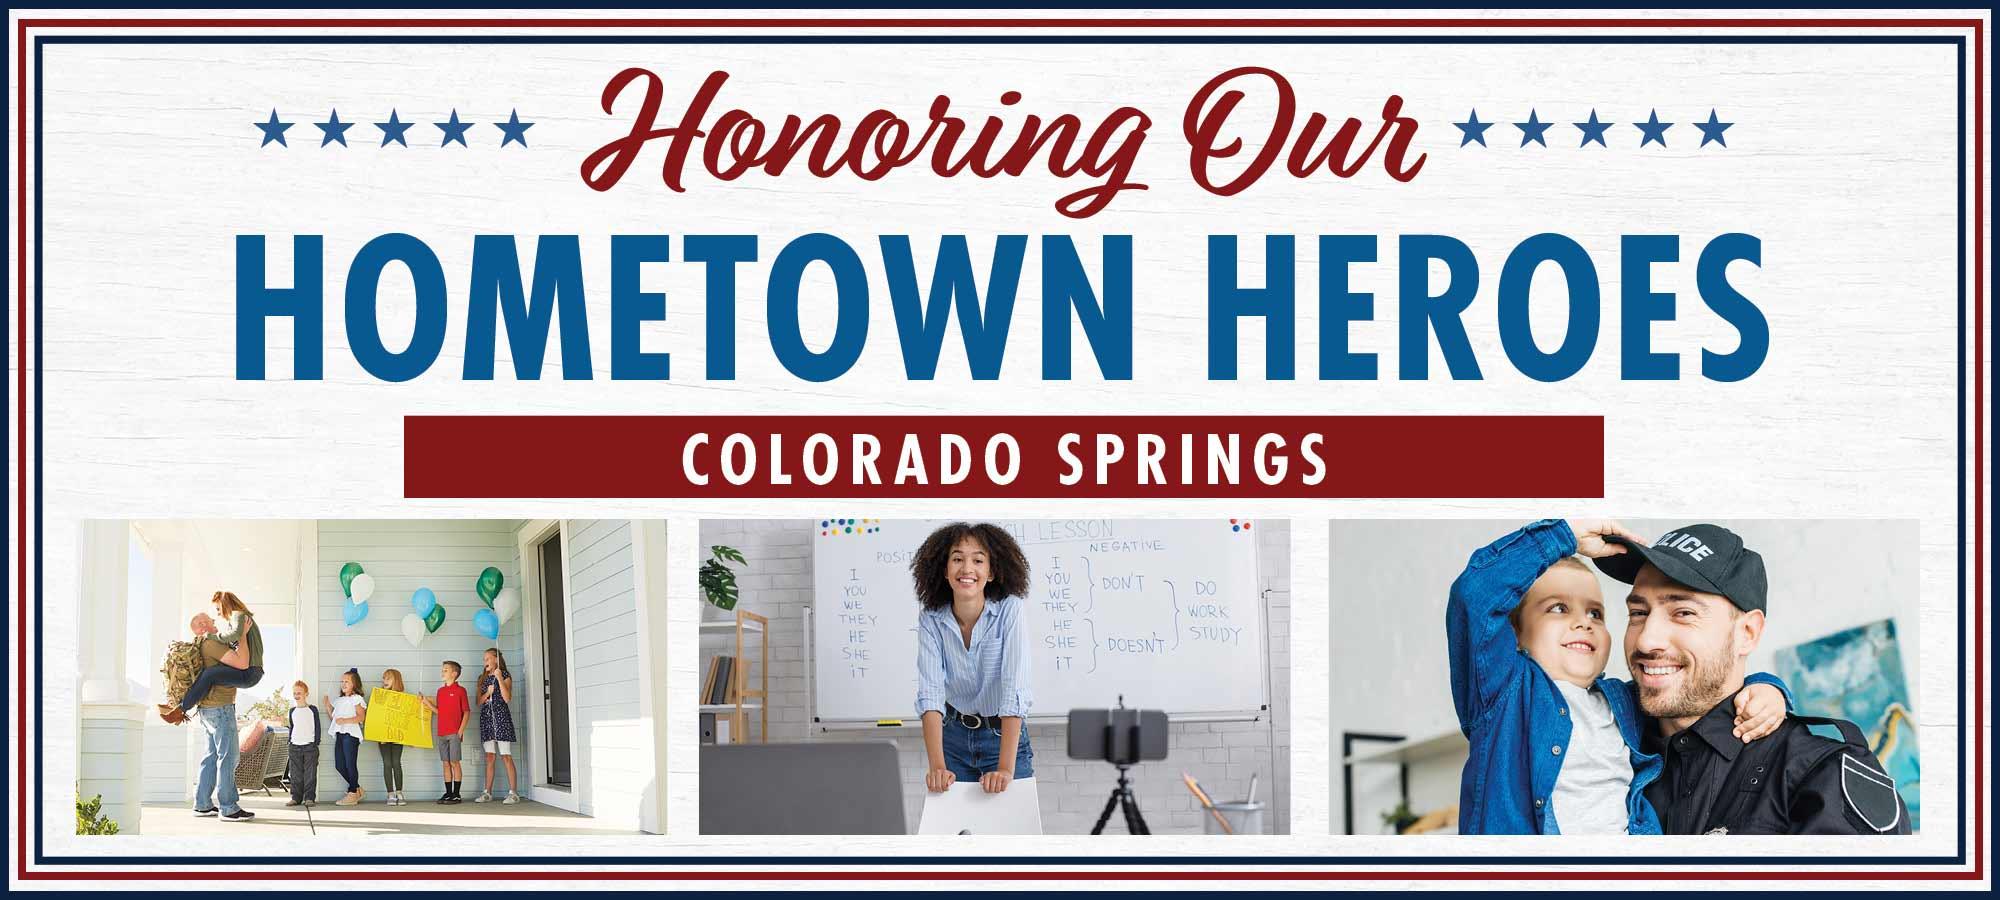 Salute to Hometown Heroes in Colorado Springs